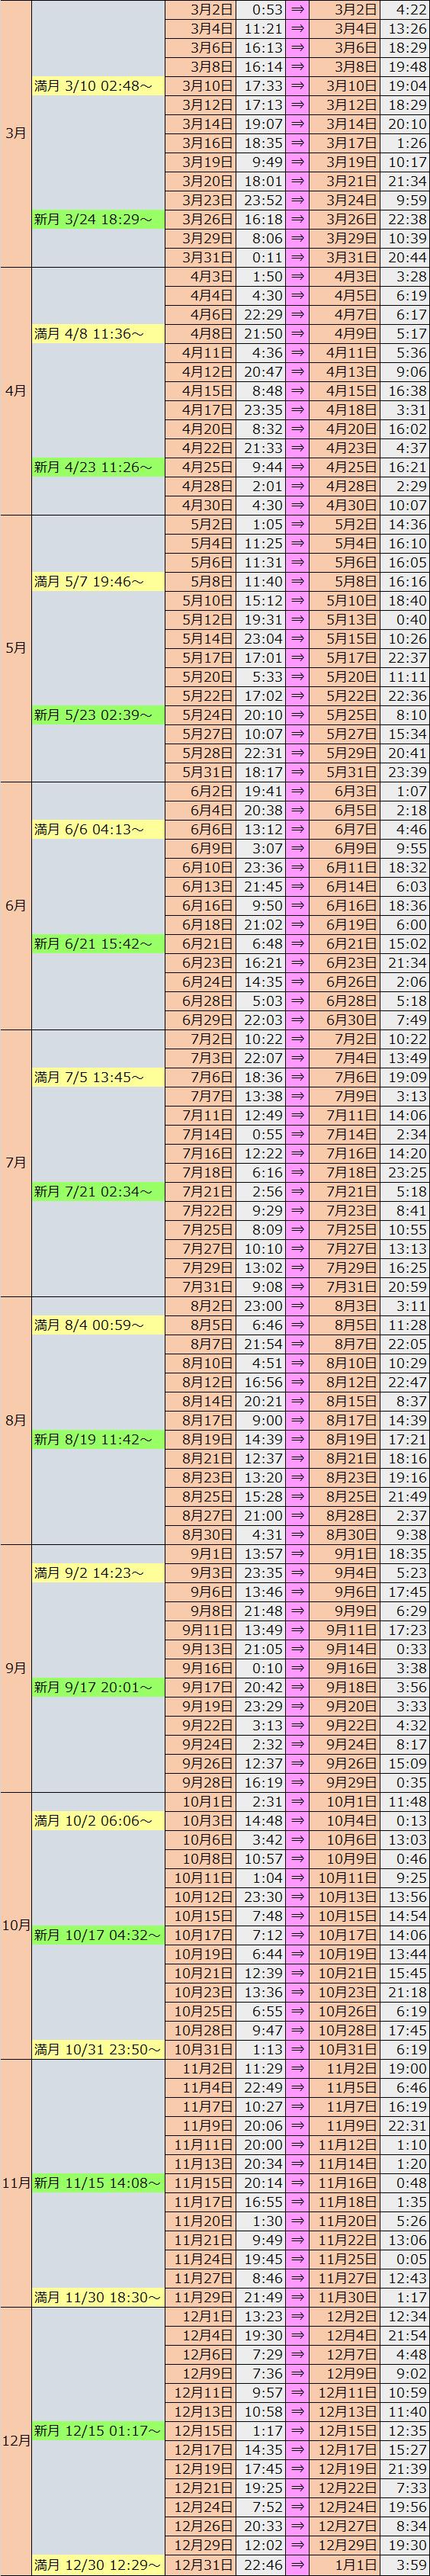 ボイド タイム 2020 決定版!ボイドタイムの過ごし方&2020年ボイドカレンダー